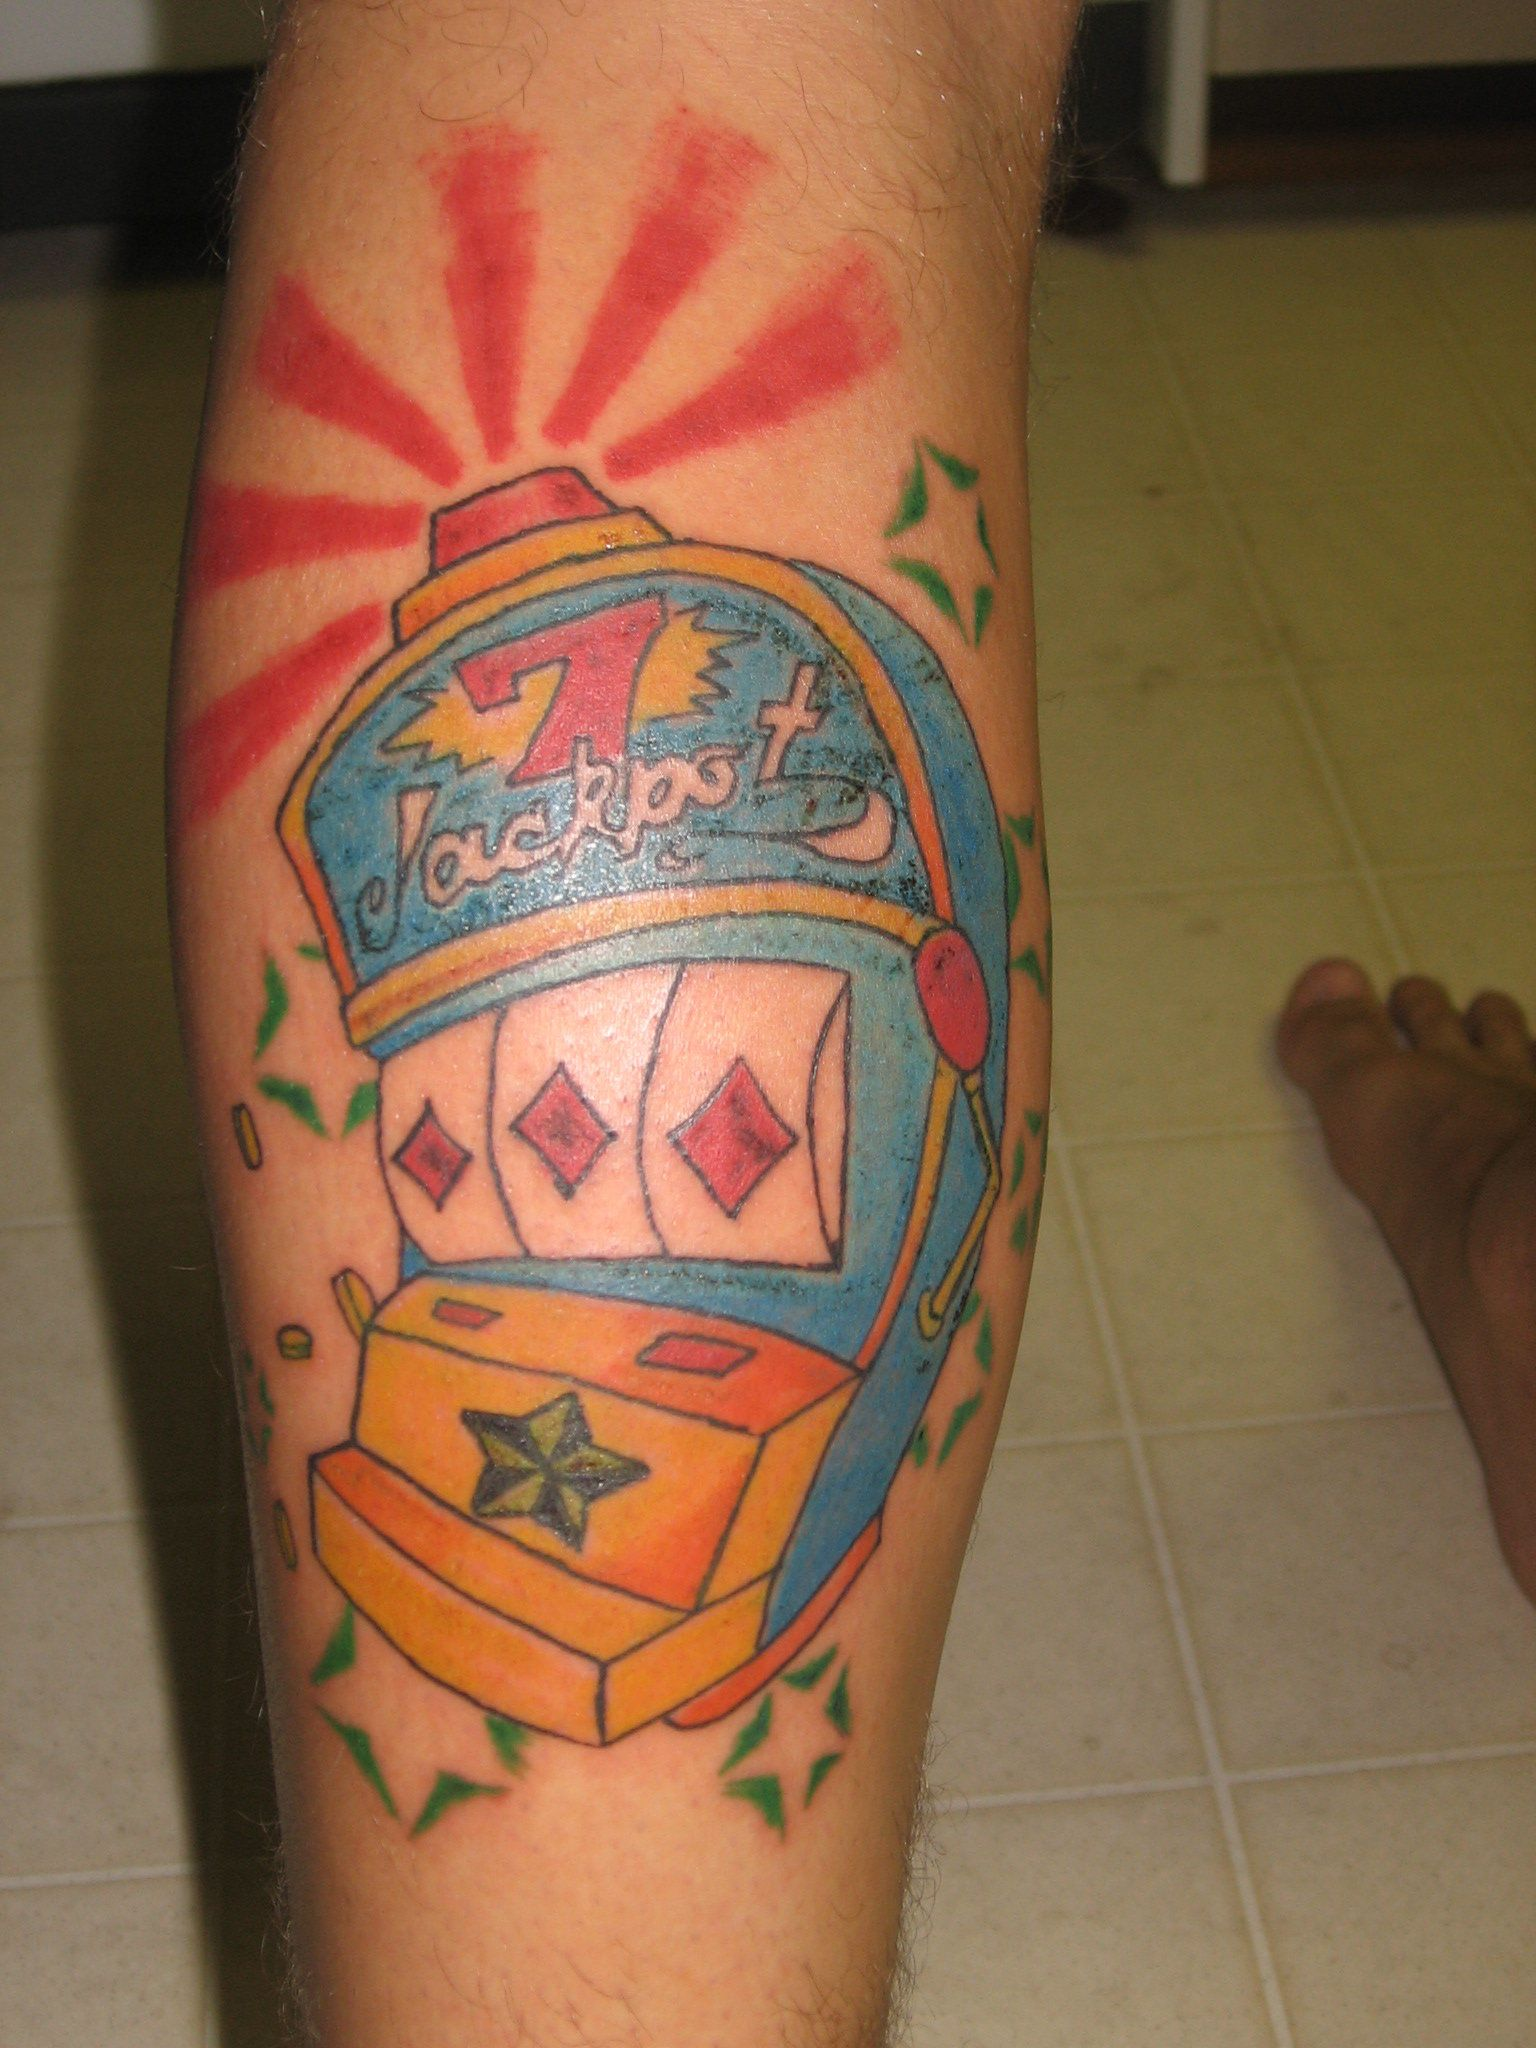 Tatts Casino